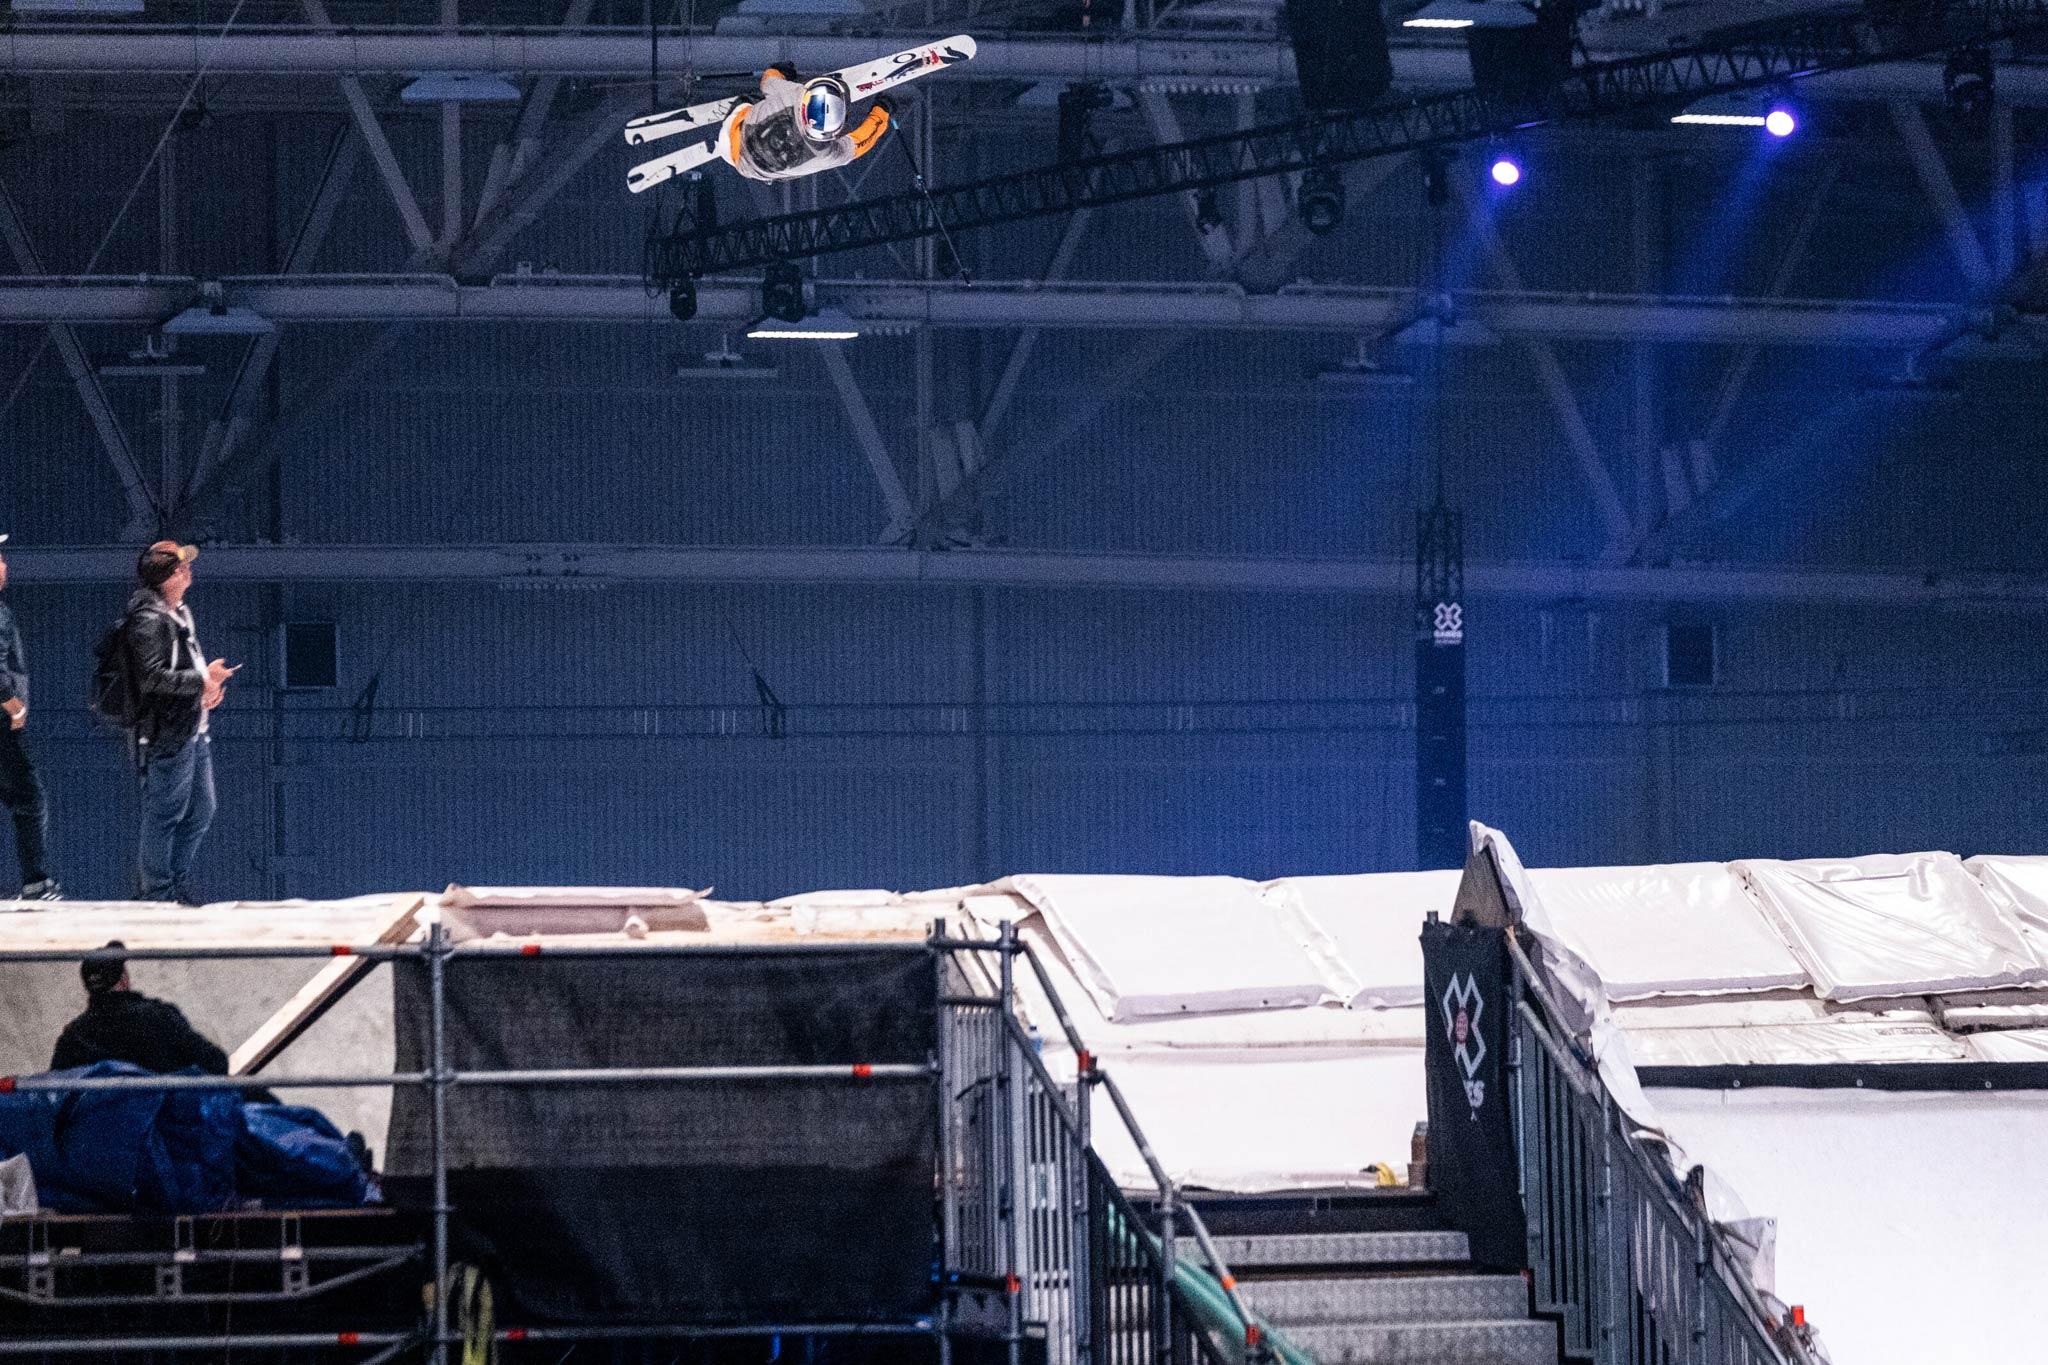 Oystein Braten ist es normalerweise gewohnt in das Finale der X Games zu kommen - dieses Mal klappte es nicht. - Foto: Red Bull Content Pool